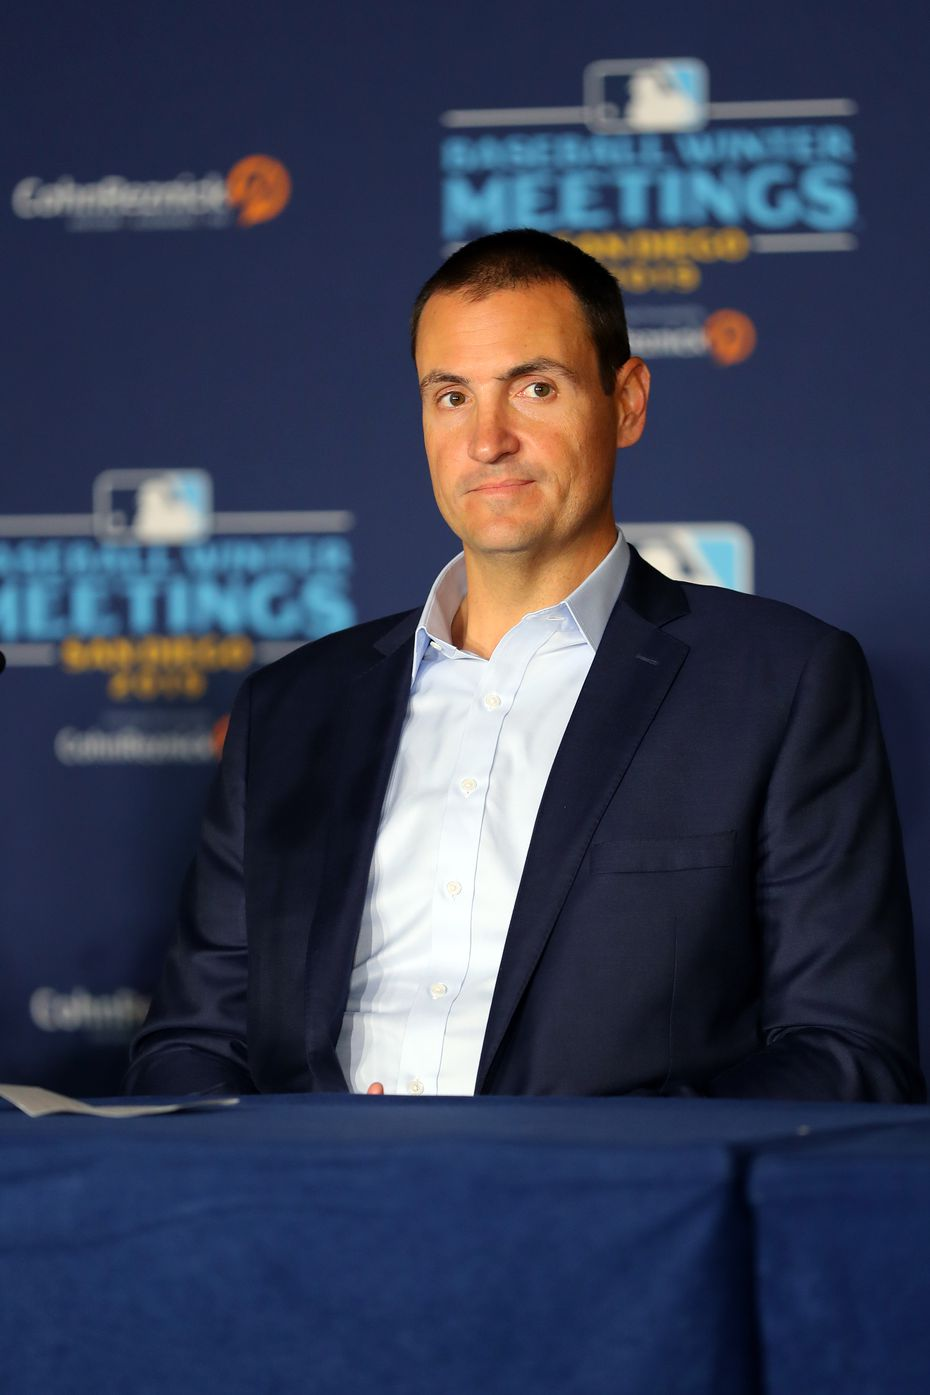 Chris Young es el noveno gerente general que han tenido los Texas Rangers desde que el equipo se cambió a Arlington desde Washington D.C.